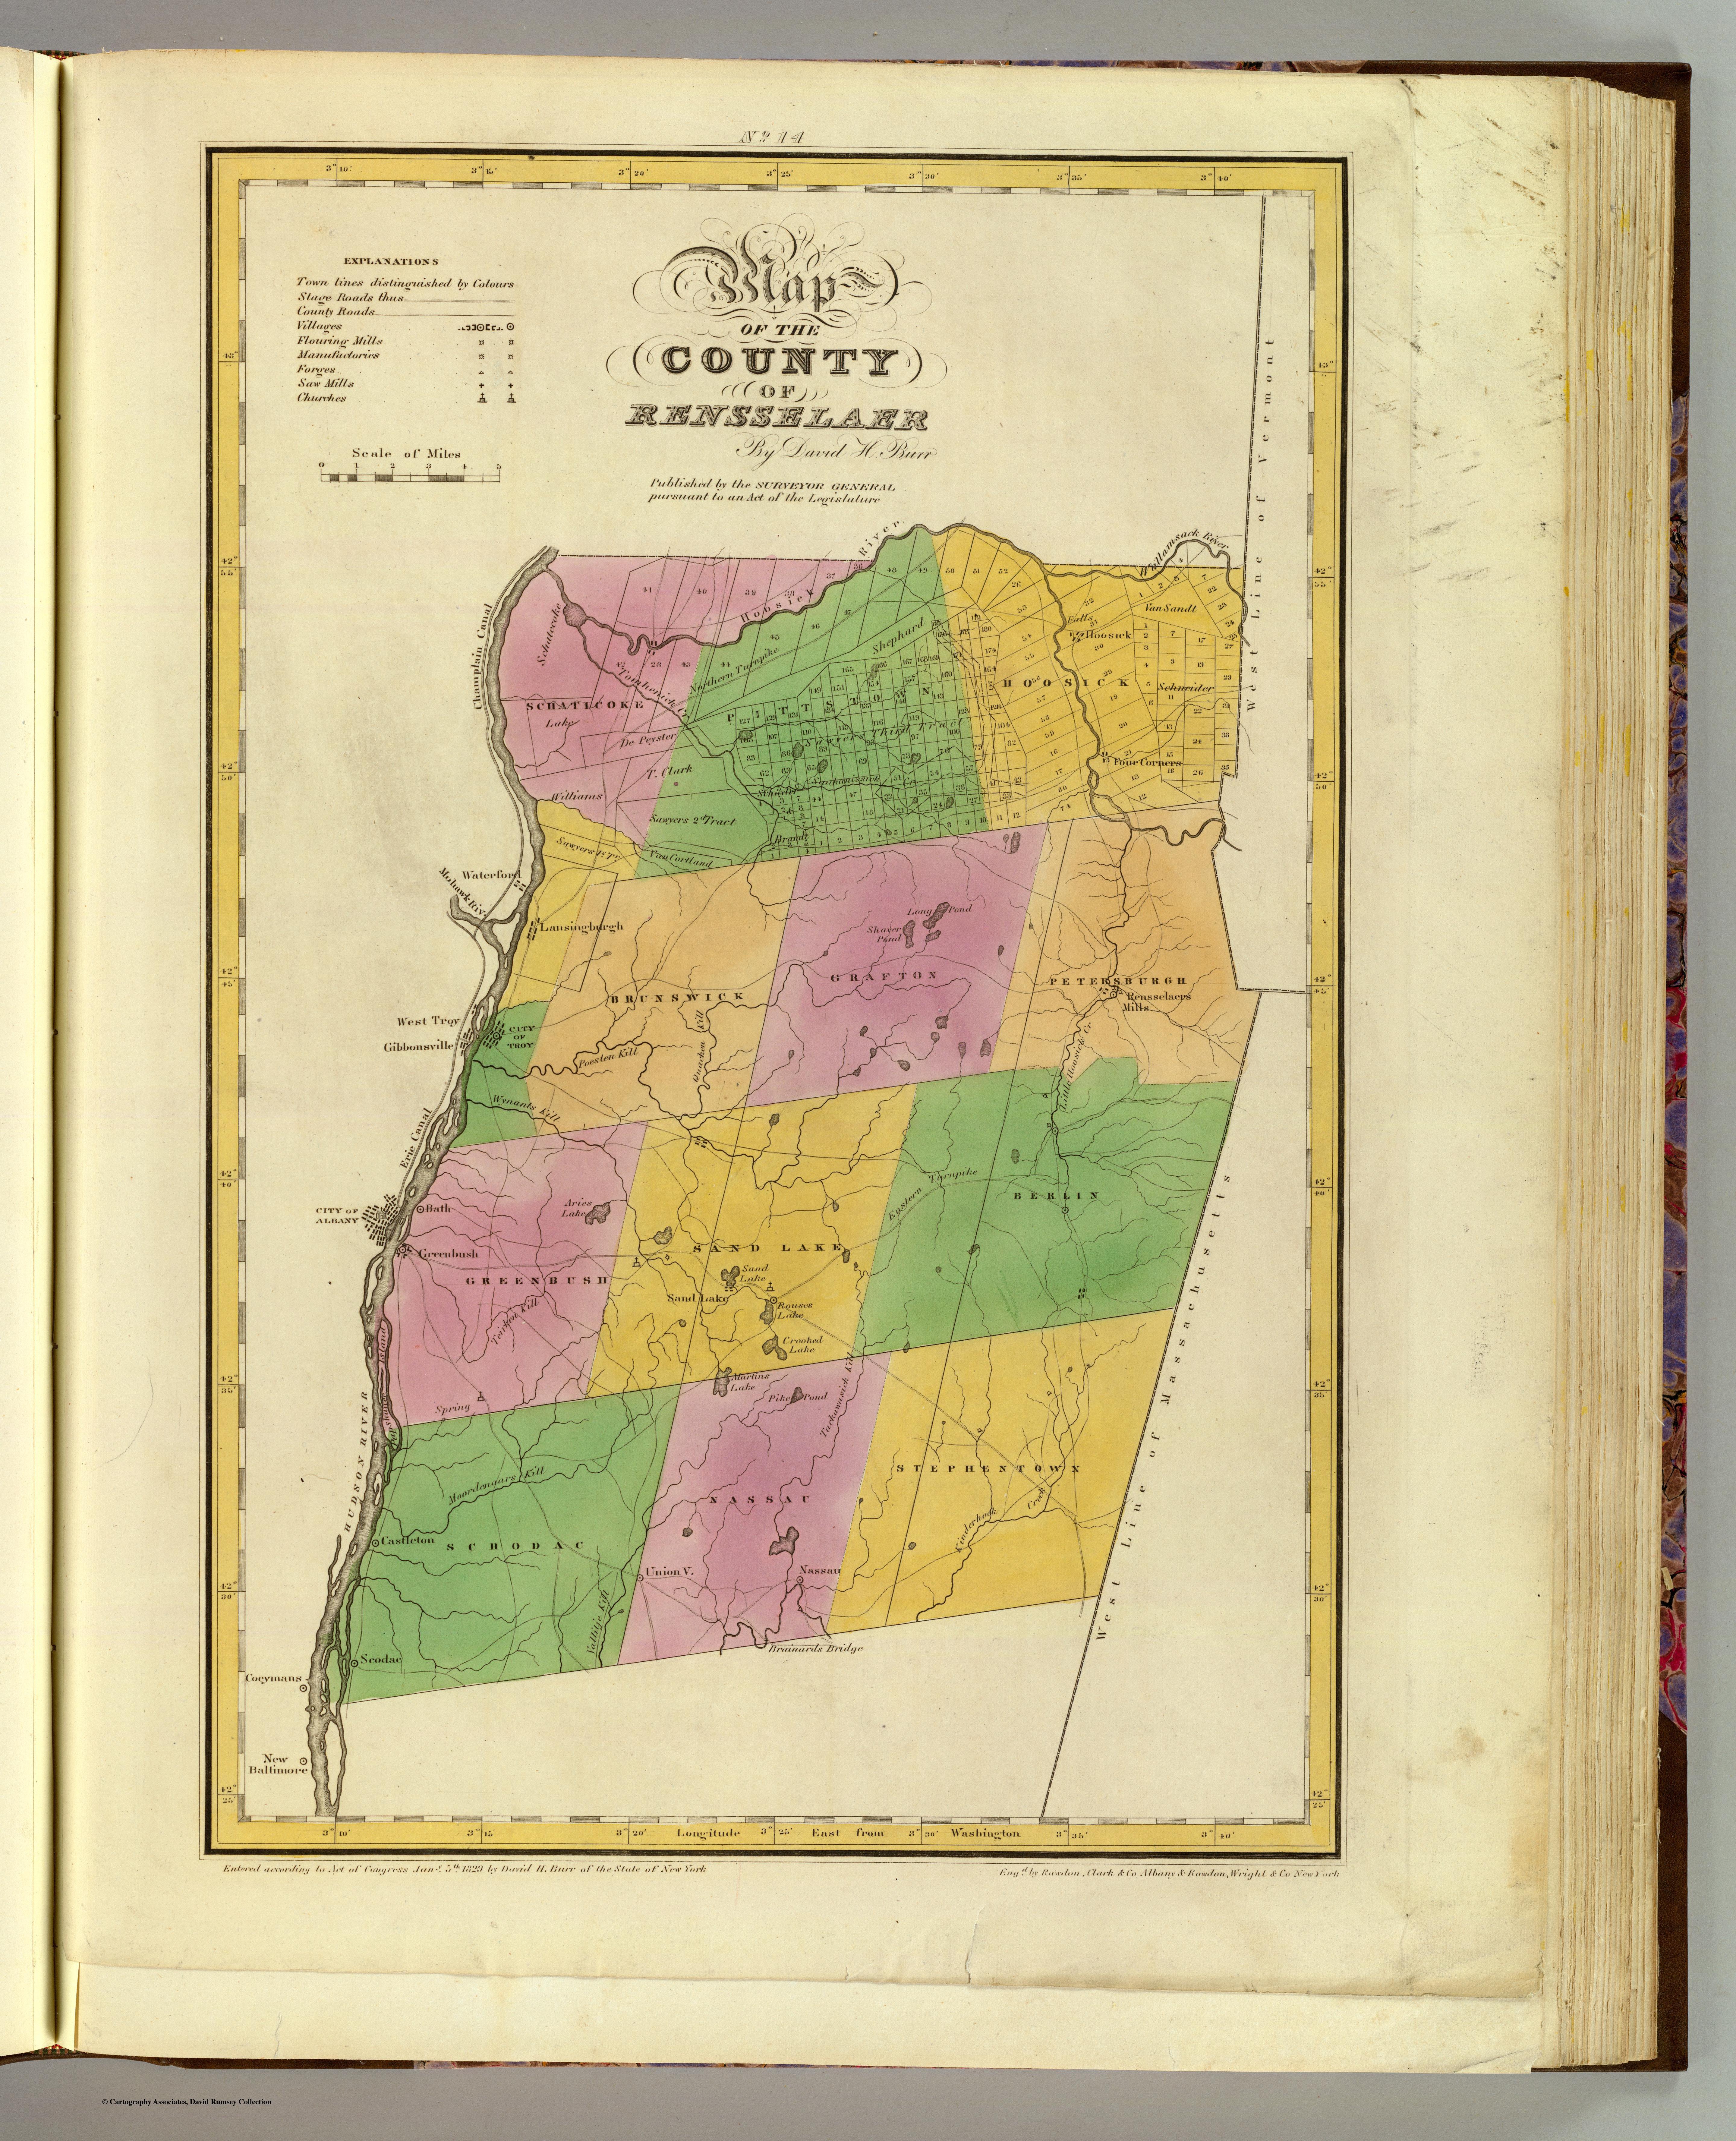 File:Rensselaer County 1829 jpg - Wikimedia Commons